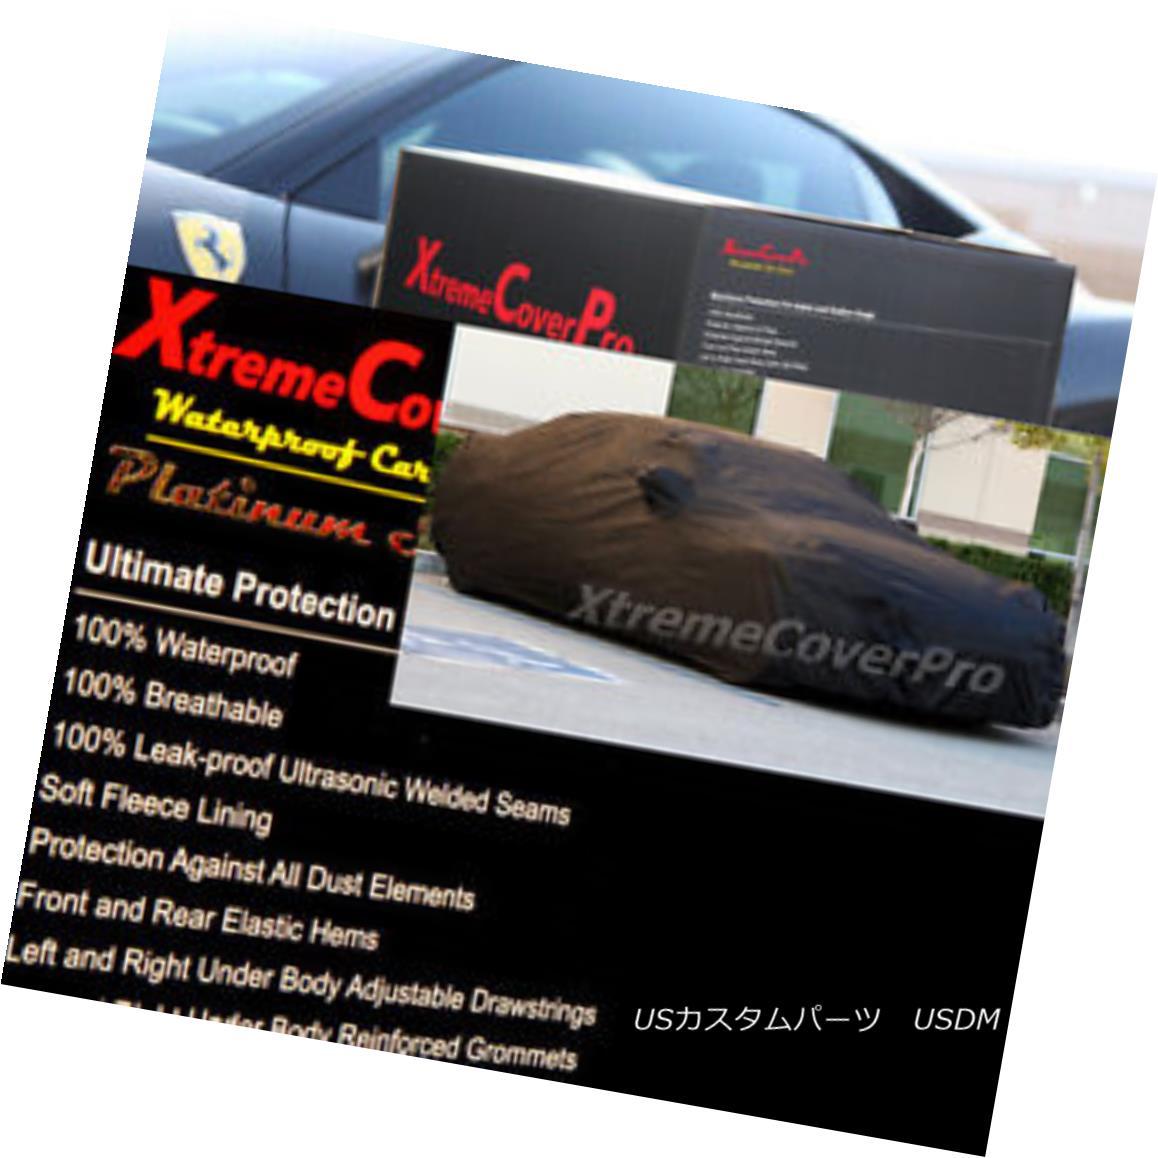 カーカバー 1996 1997 1998 1999 2000 Buick LeSabre Waterproof Car Cover w/MirrorPocket 1996年1997年1998年1999年2000年ビュイック・ルサブレ防水カーカバー(ミラーポケット付)